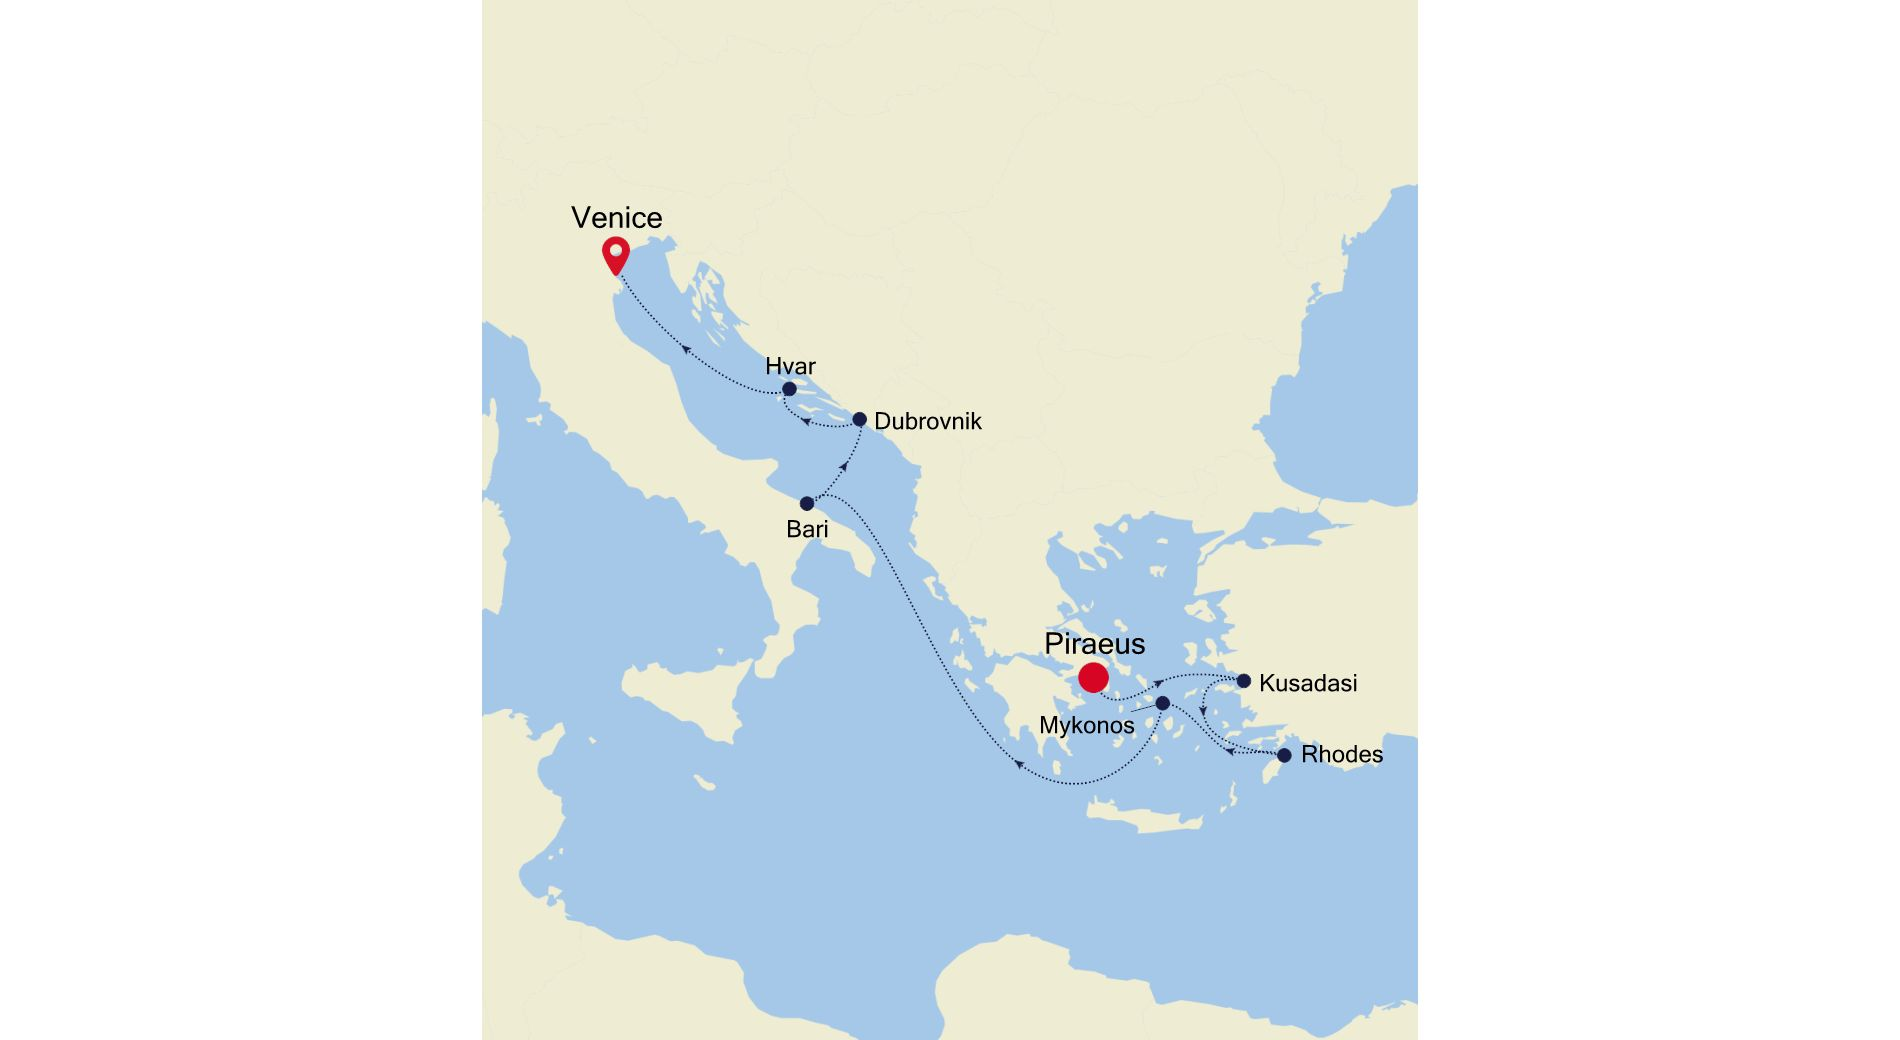 MO200923009 - Piraeus a Venice